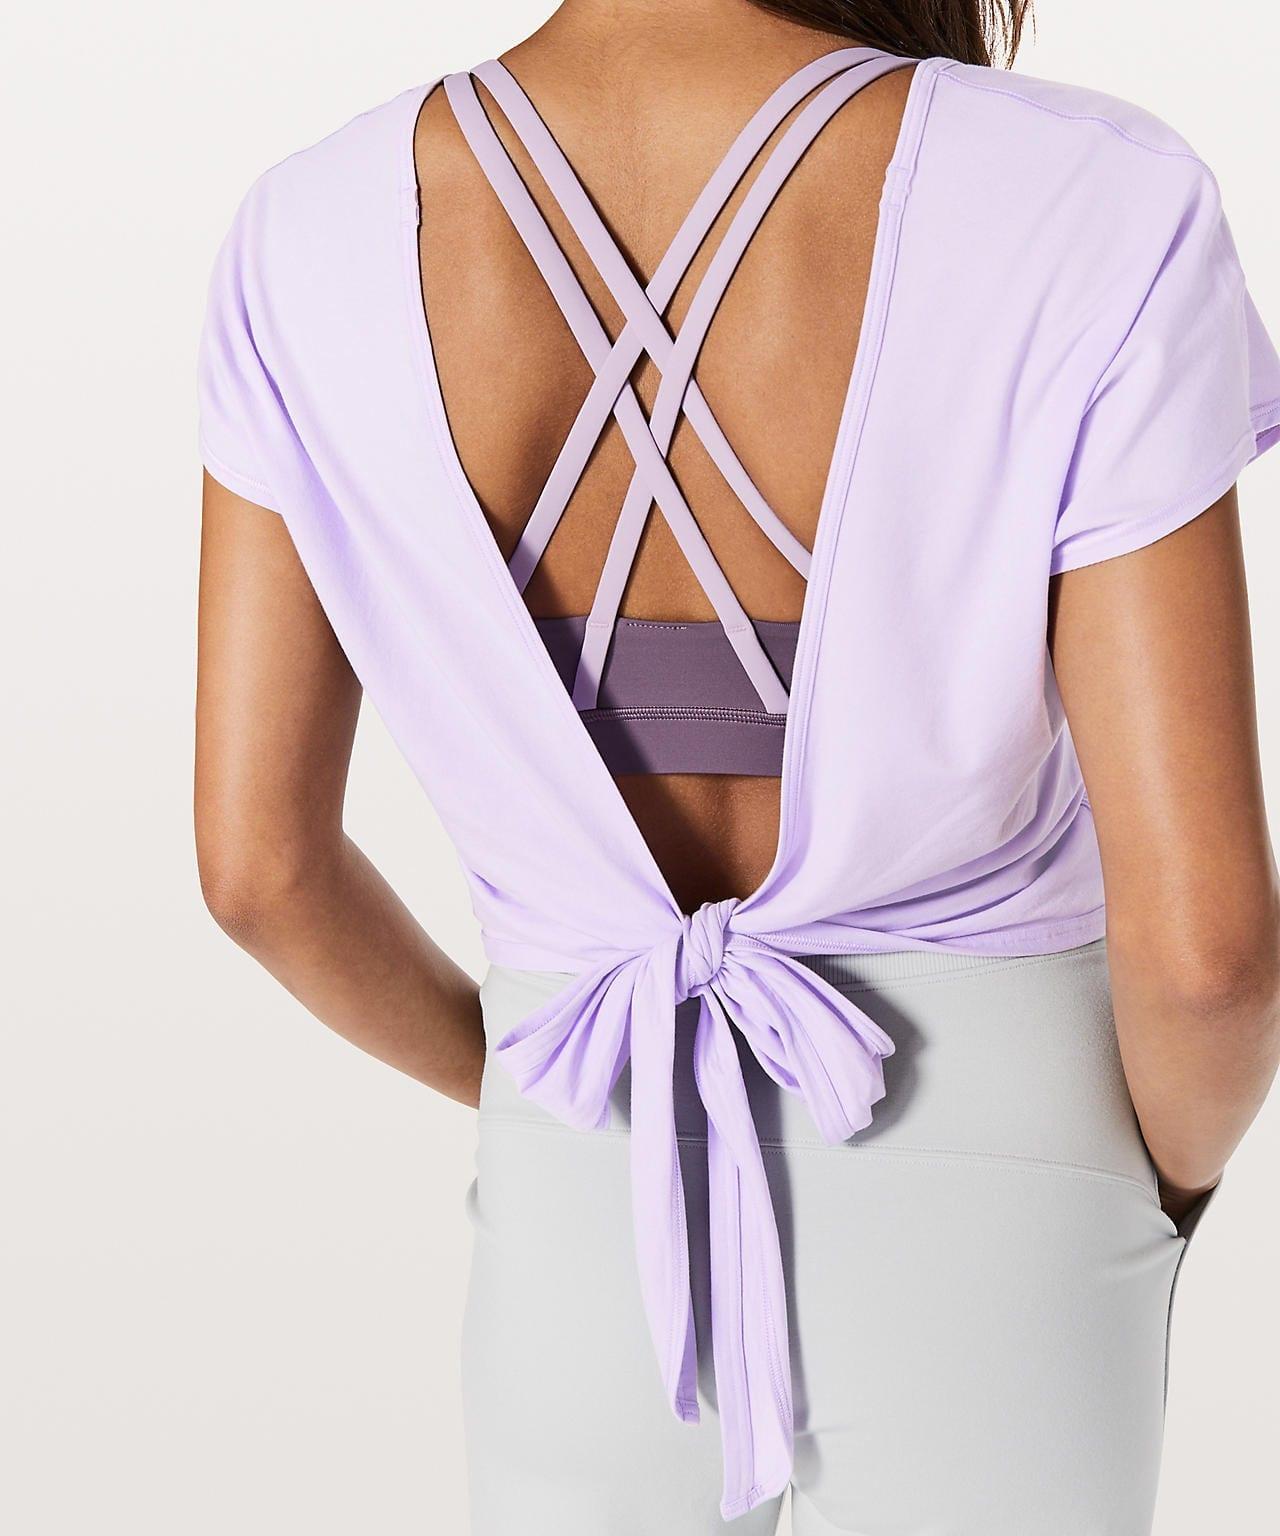 It's A Tie Tee - Sheer Violet